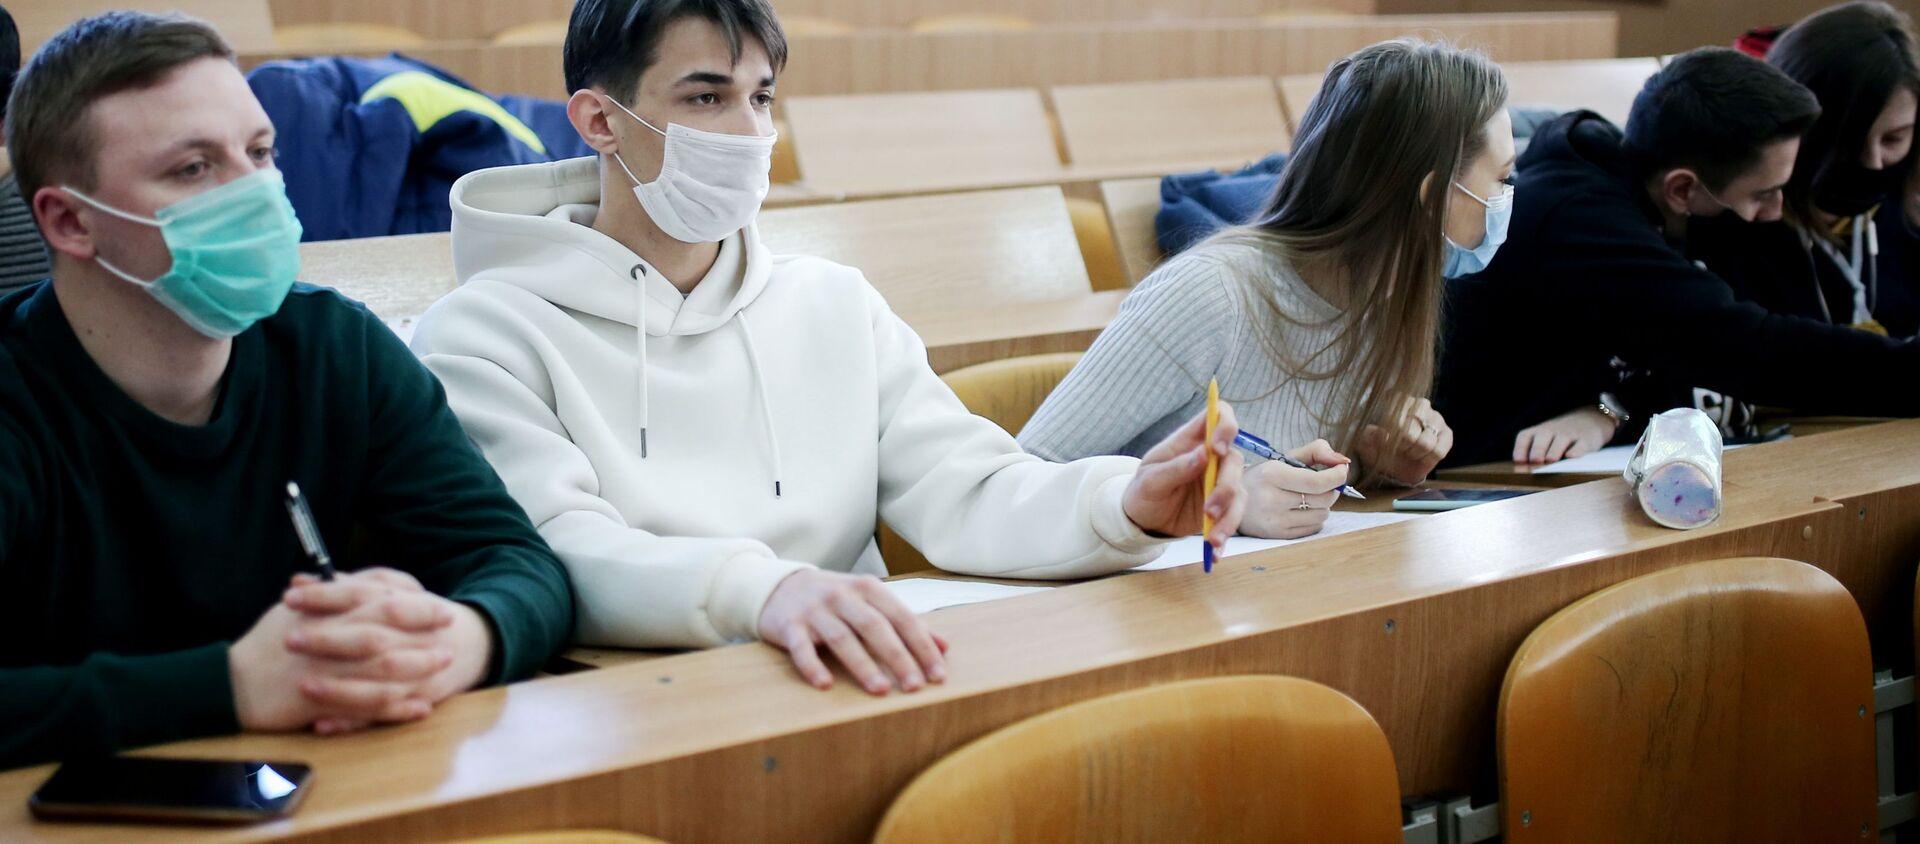 Студенты во время обучения - Sputnik Беларусь, 1920, 05.04.2021